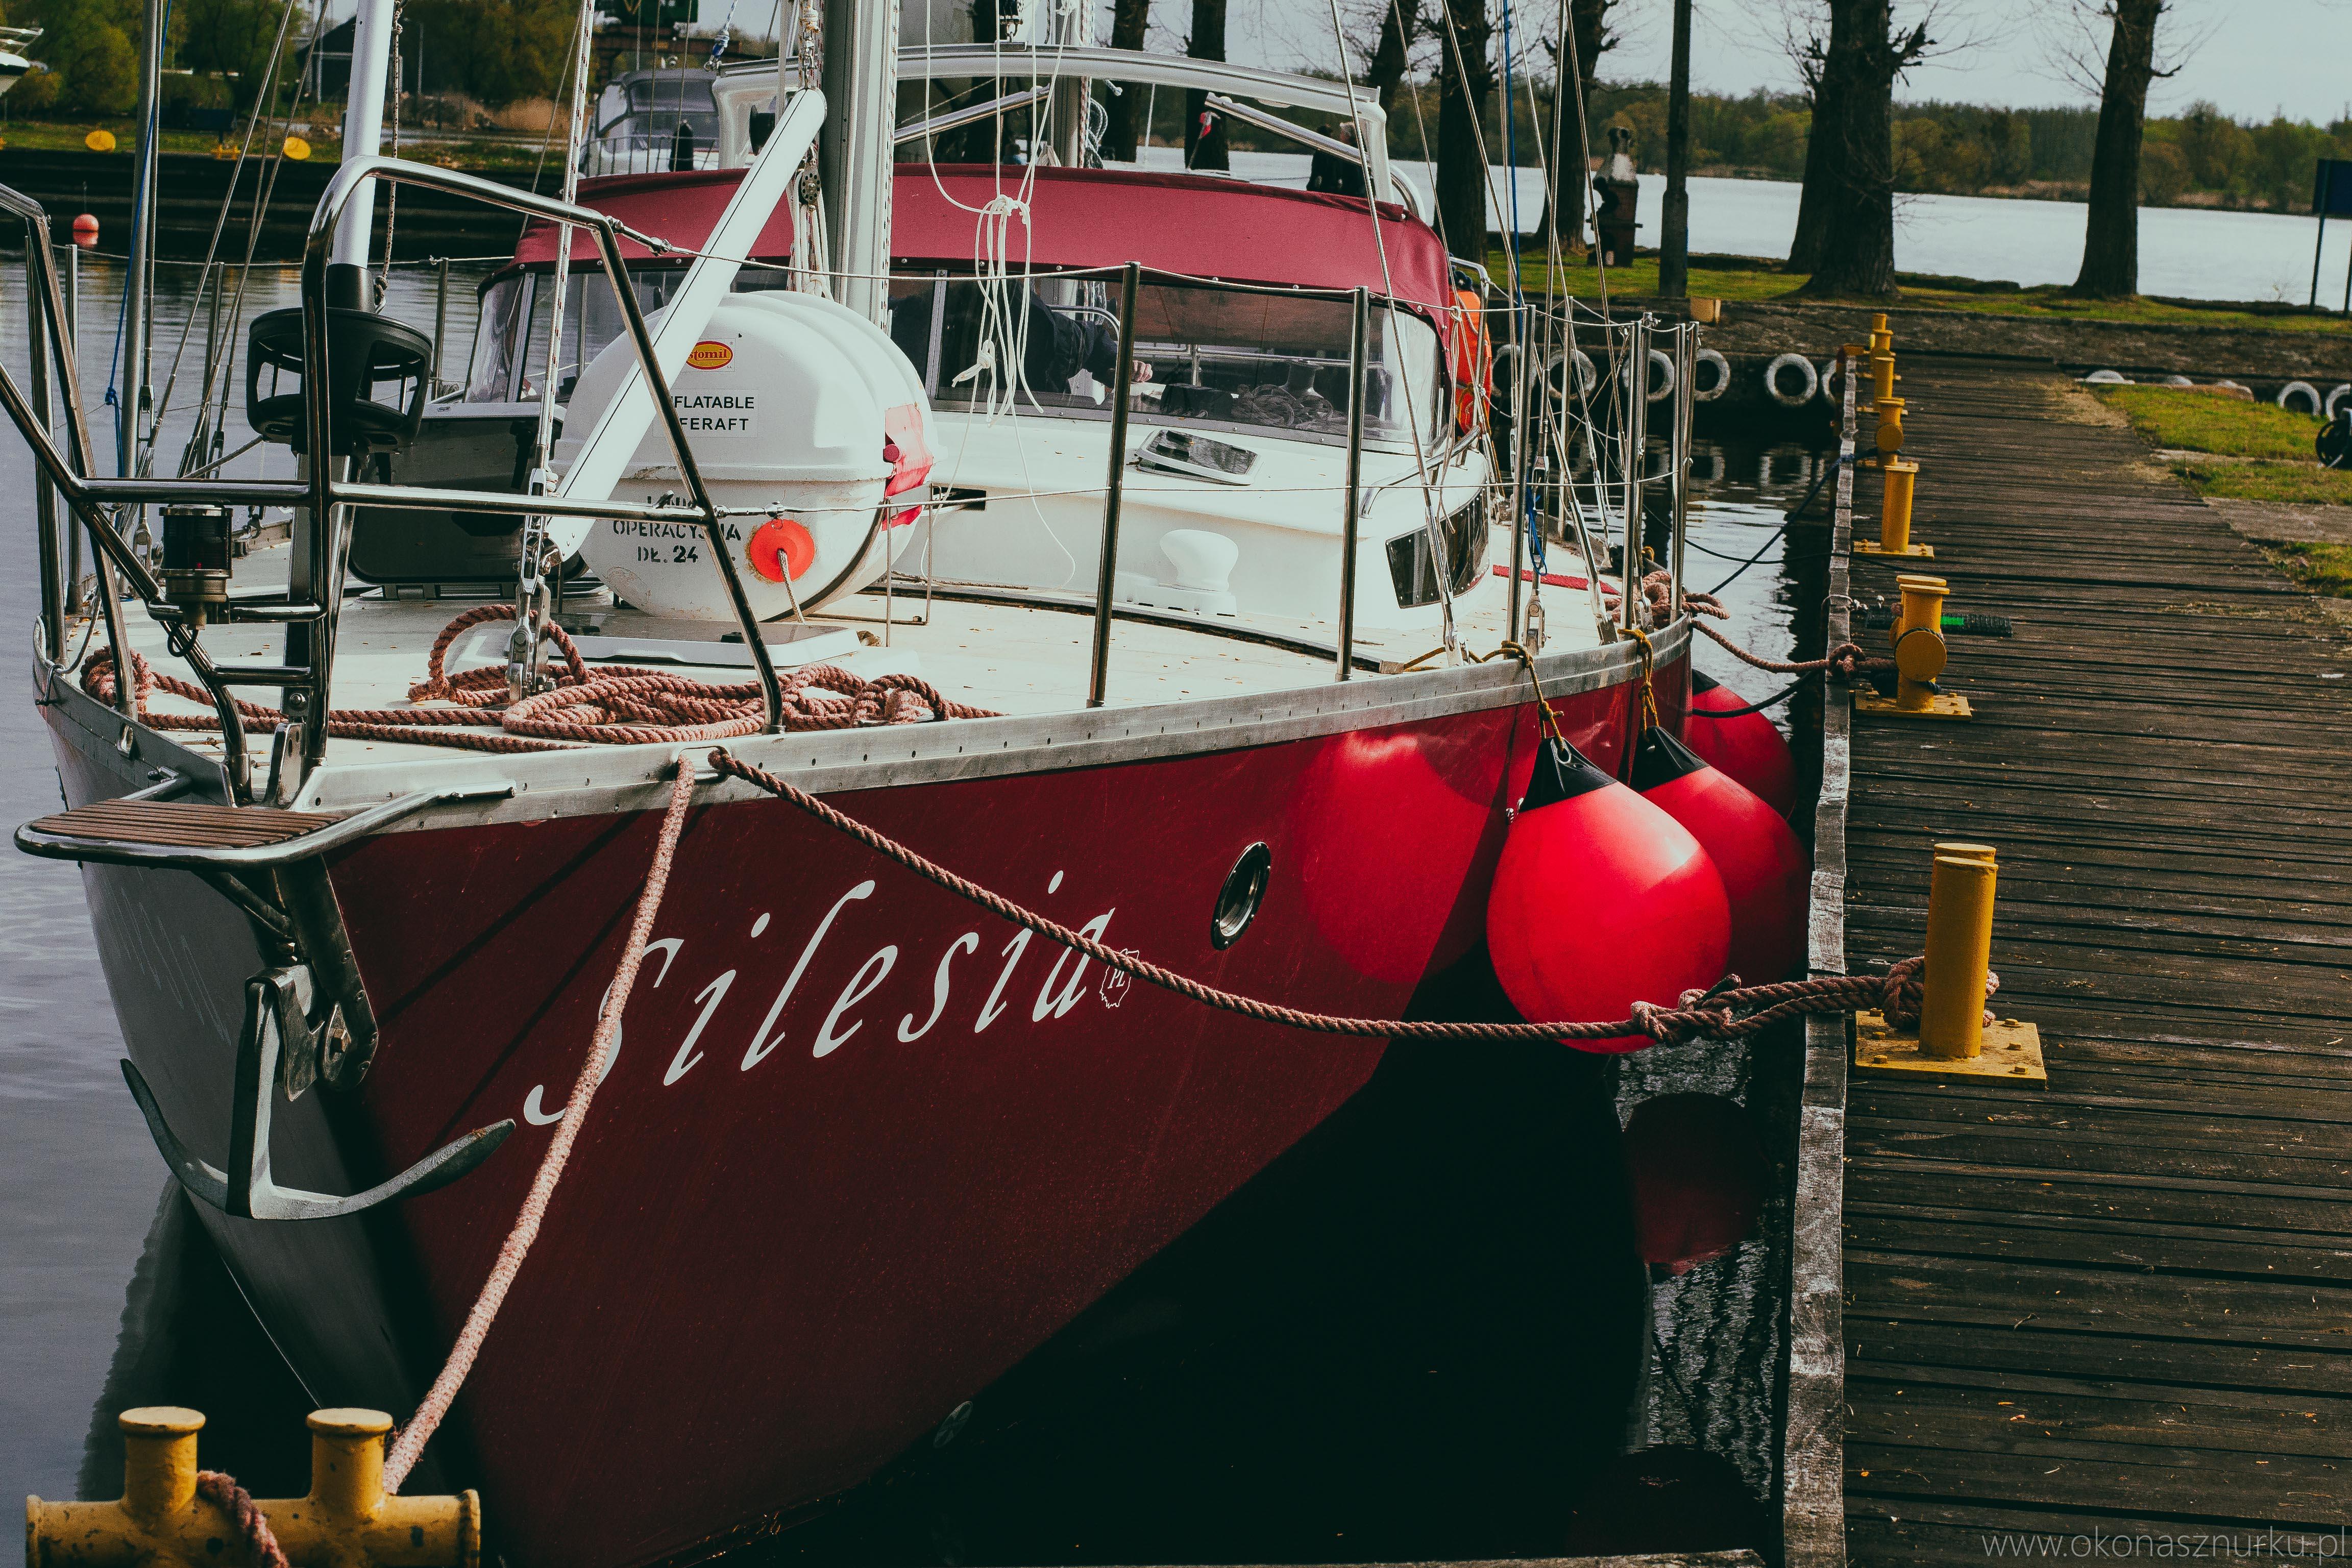 marina-jacht-wyprawy-morskie-silesia-szczecin-goclaw-lubczyna (94)